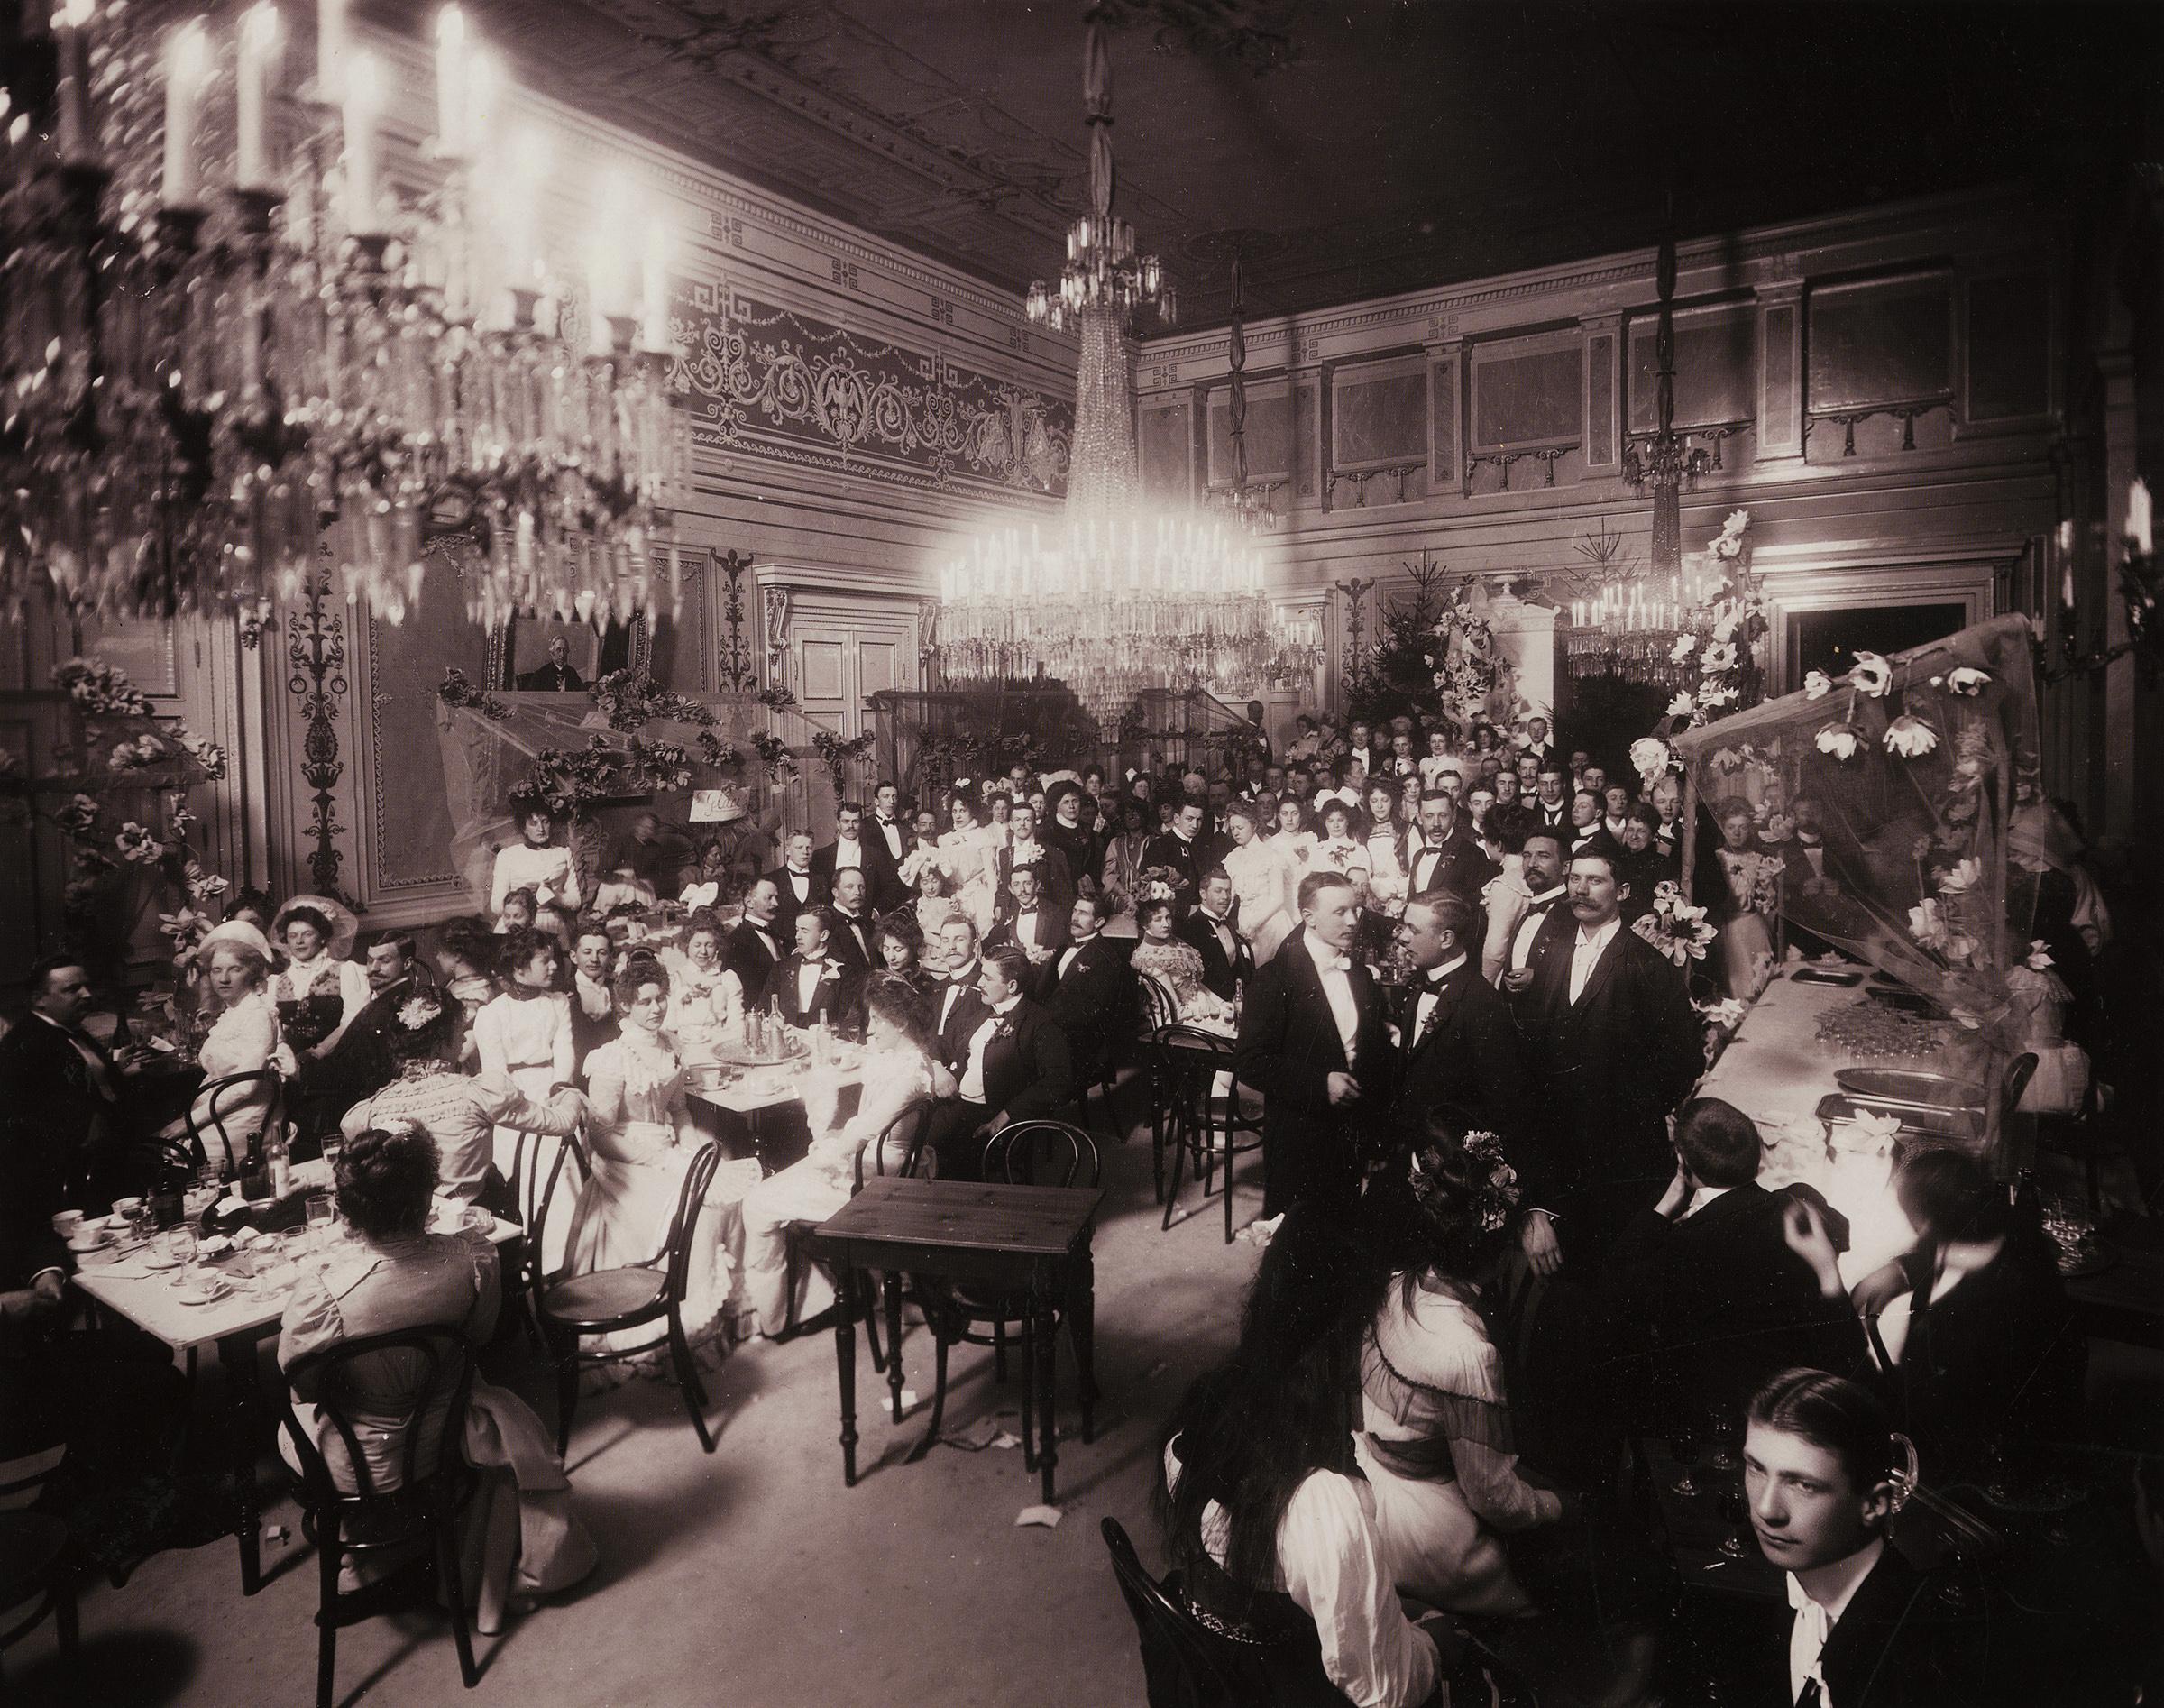 Uppklädda människor har samlats inne i Börsens festsal år 1895.